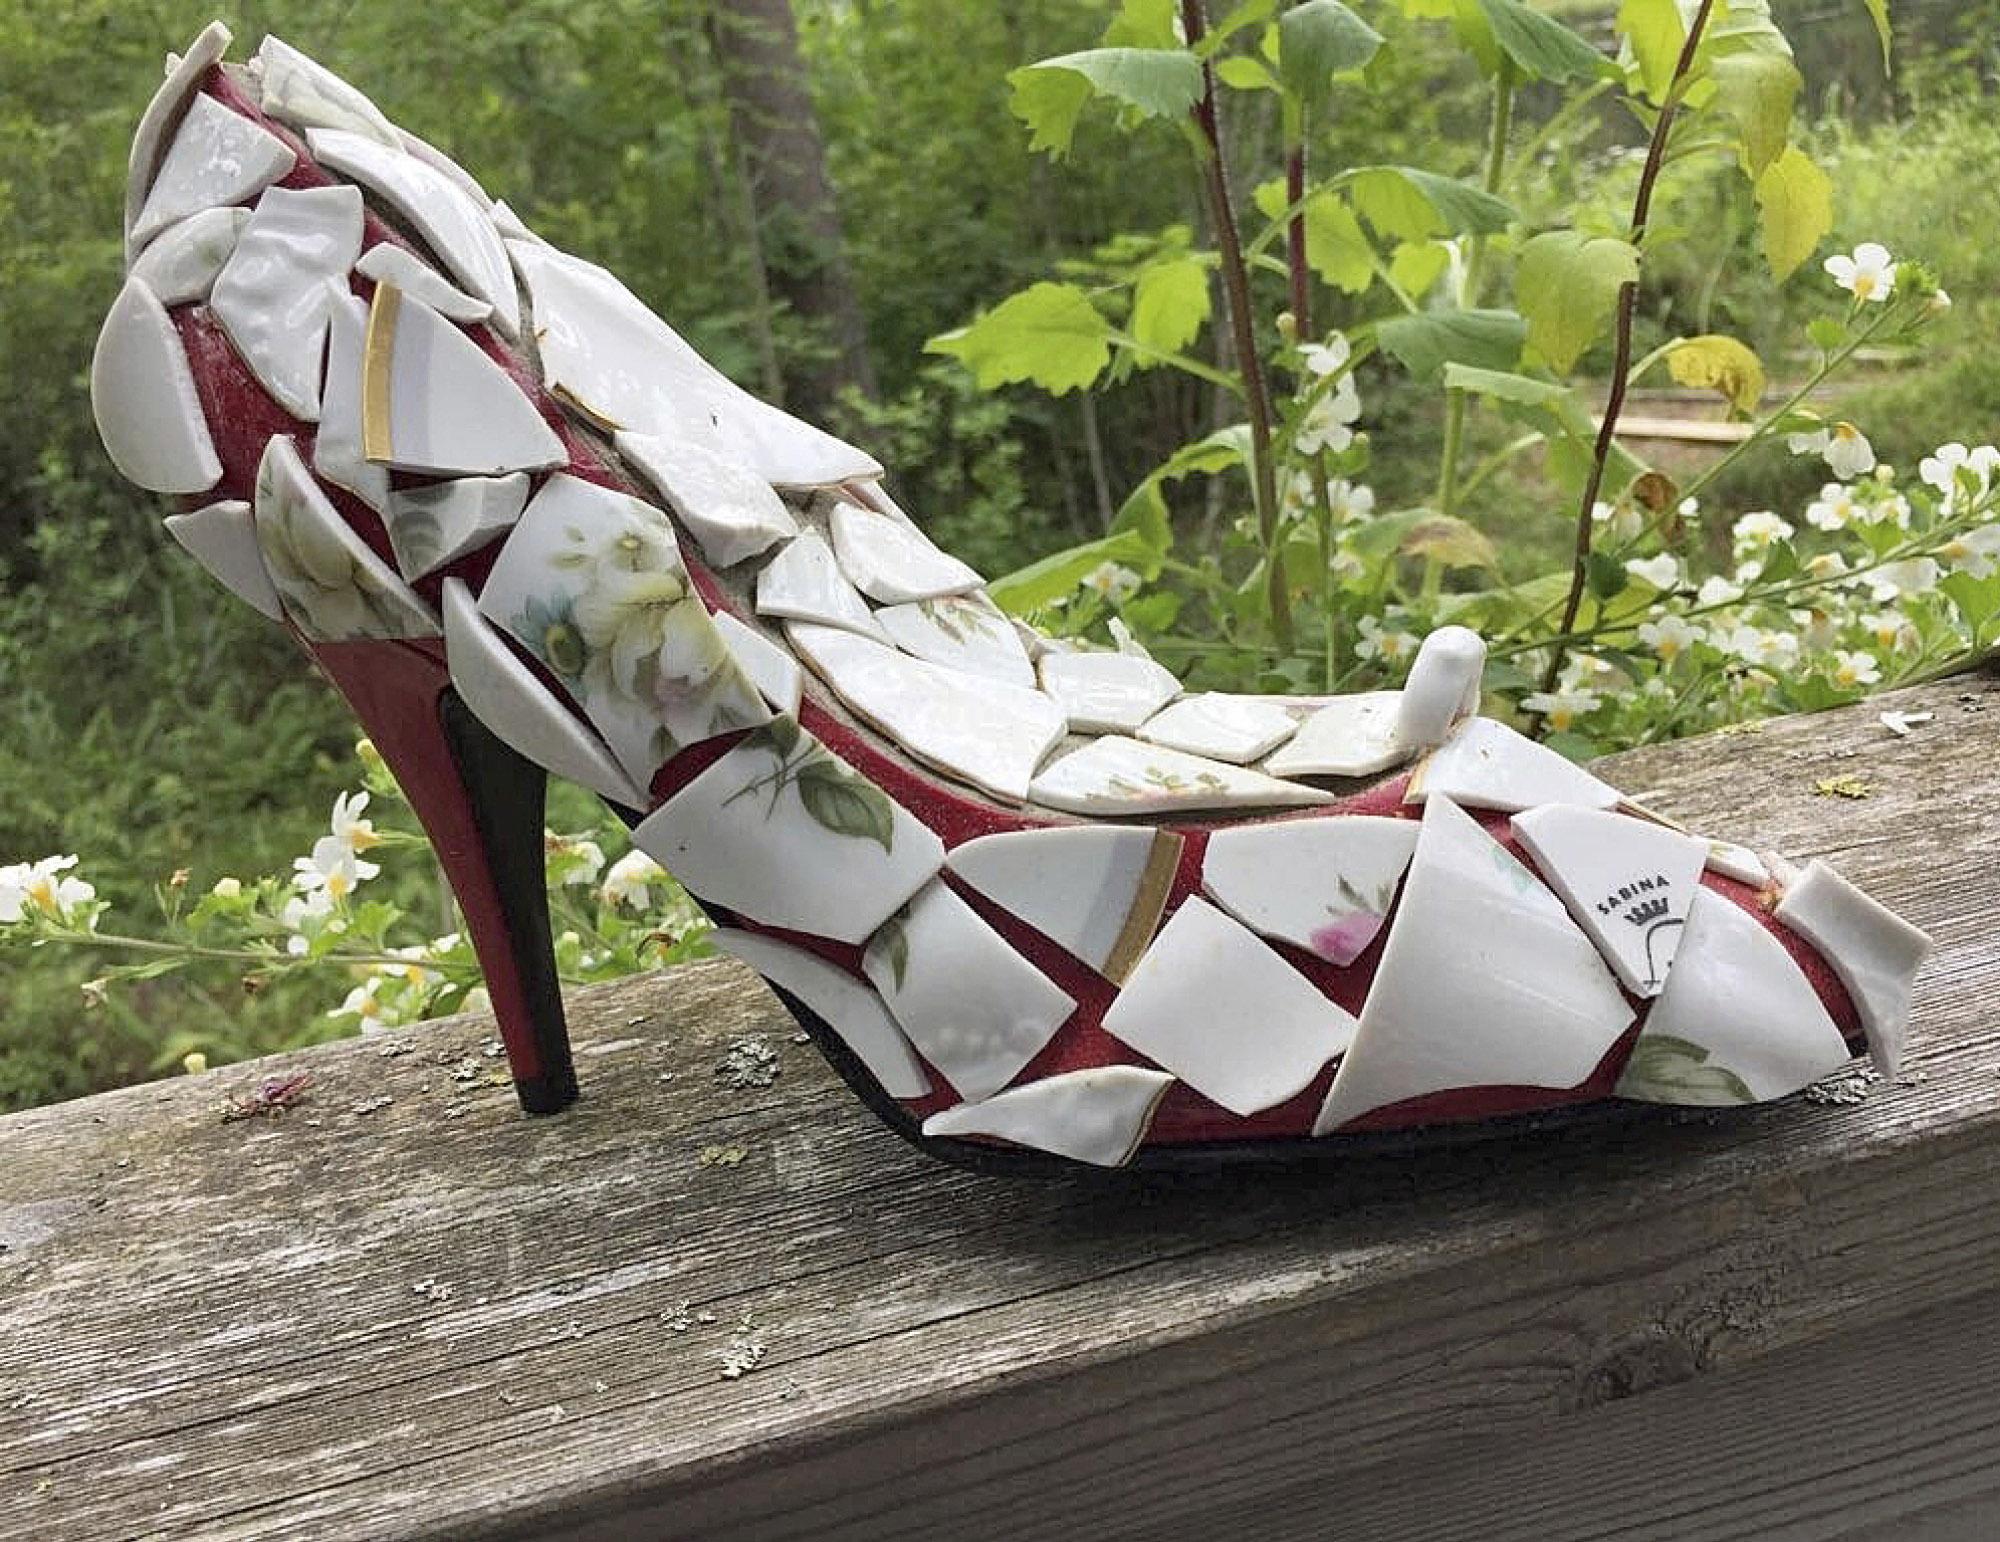 Risoista kengistä syntyy kivoja koriste-esineitä omaksi iloksi tai ystäville.